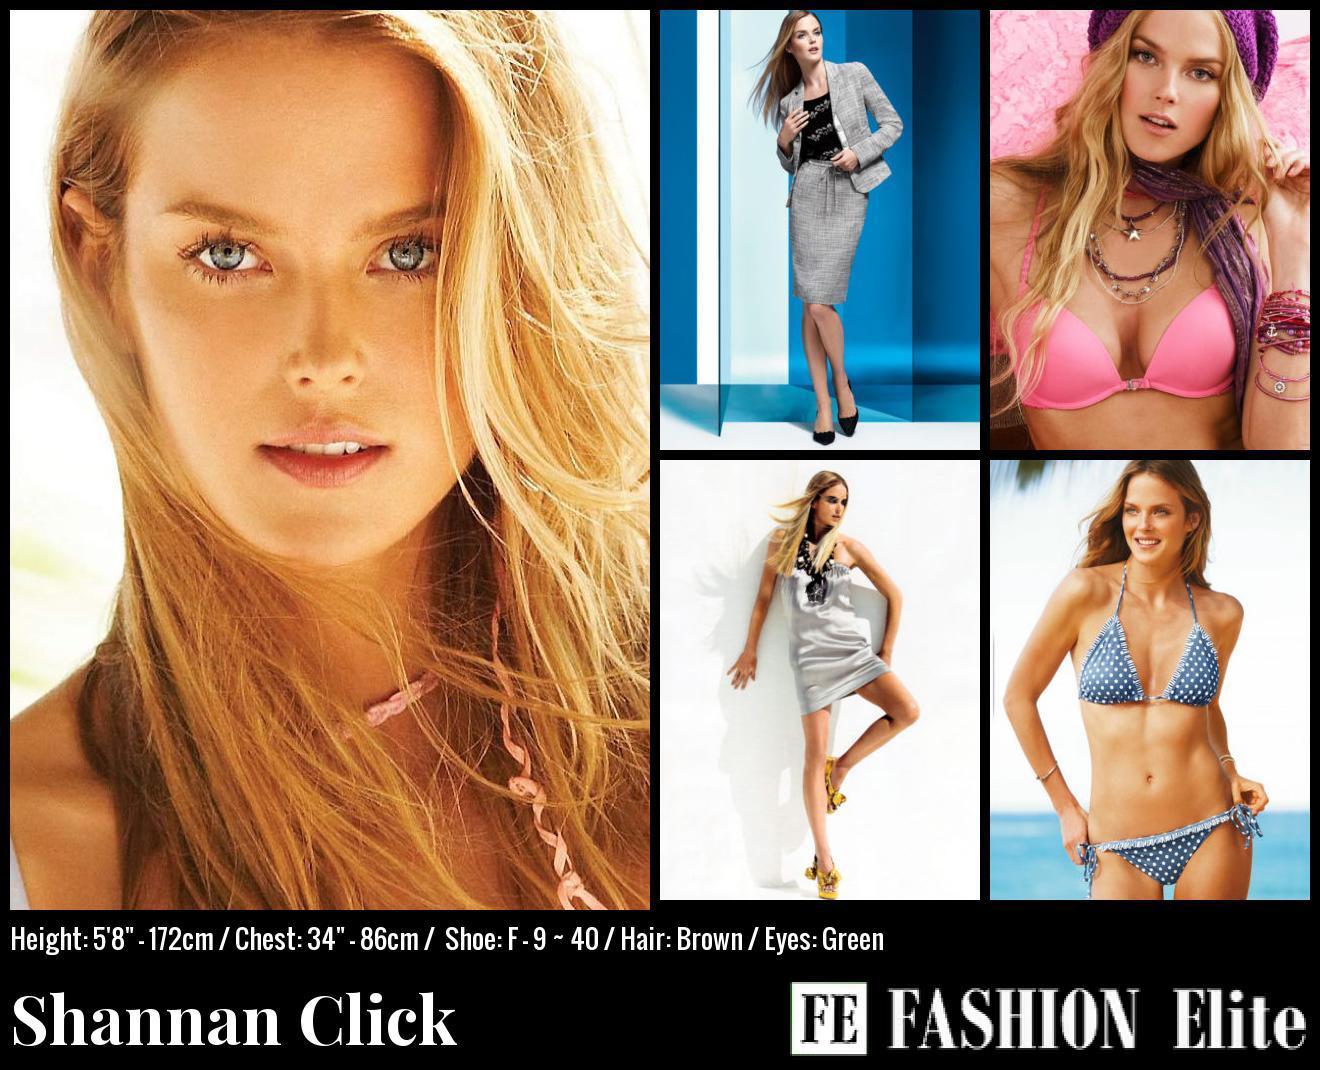 Shannan Click Comp Card